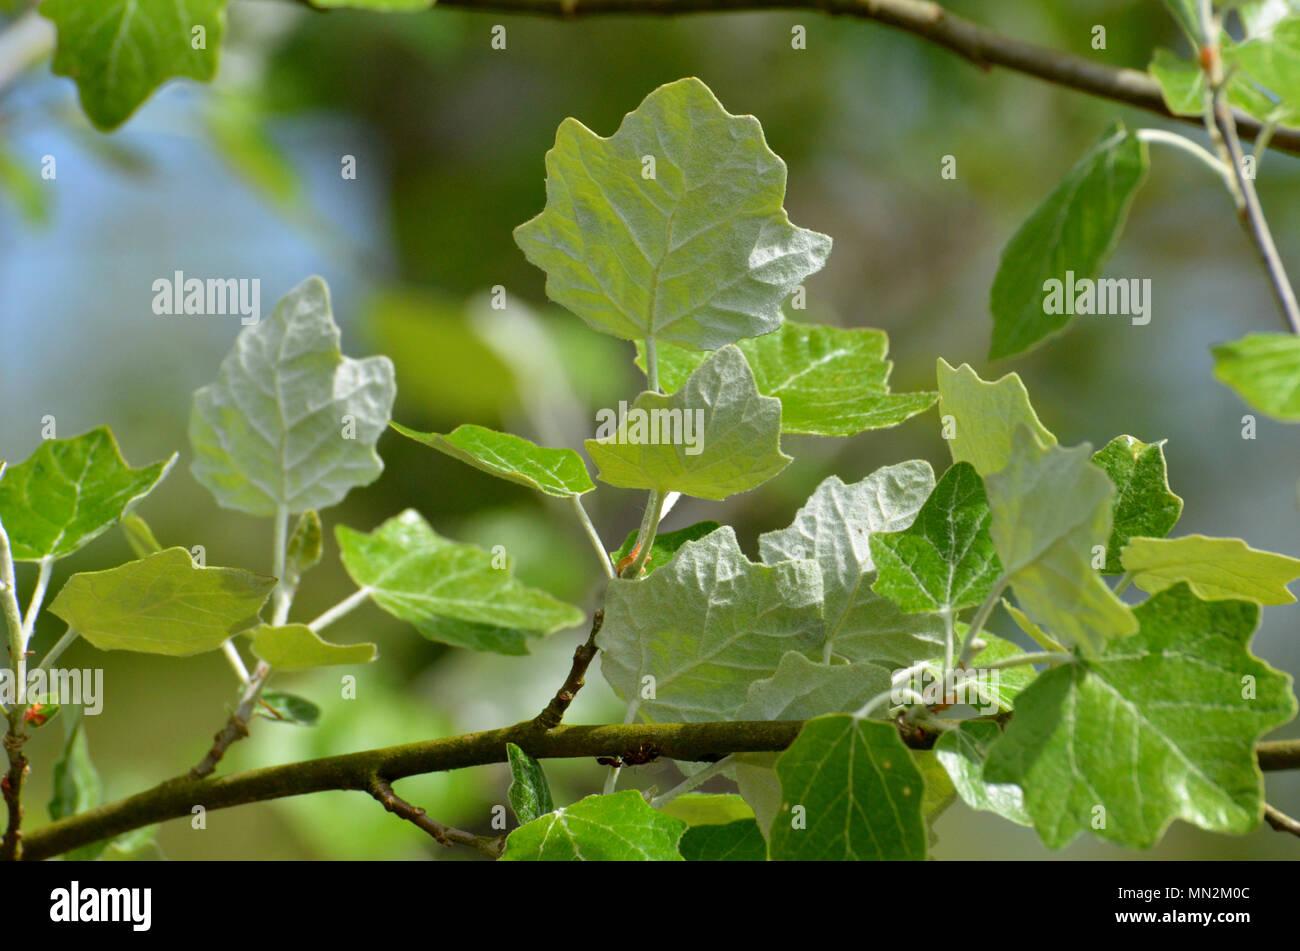 Weiß pappel Baum Blätter, weiße Unterseite des Blattes Stockfoto